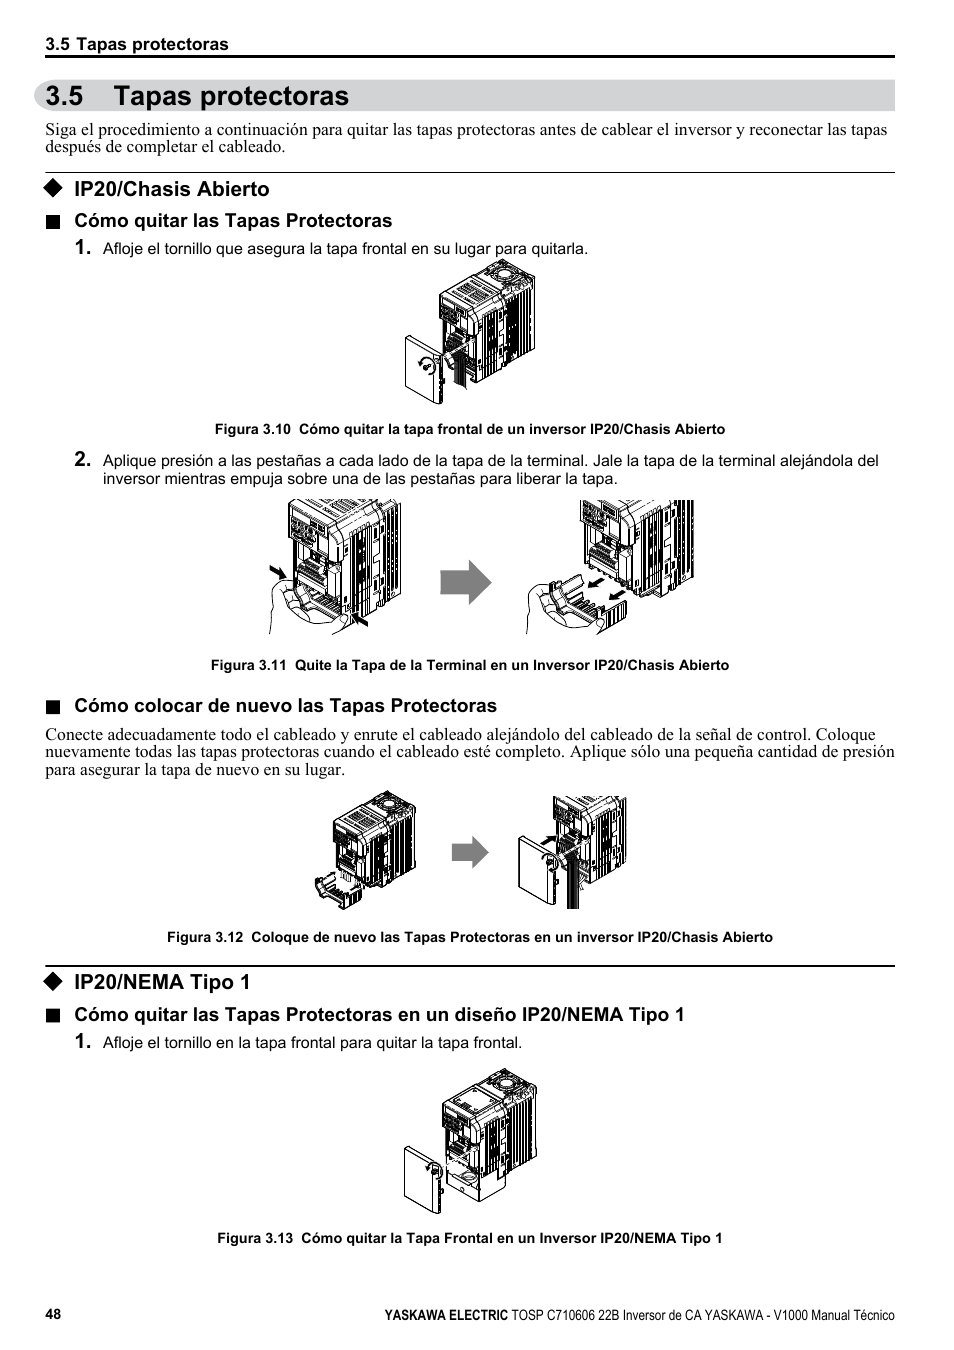 Tapas protectoras, Ip20/chasis abierto, Ip20/nema tipo 1